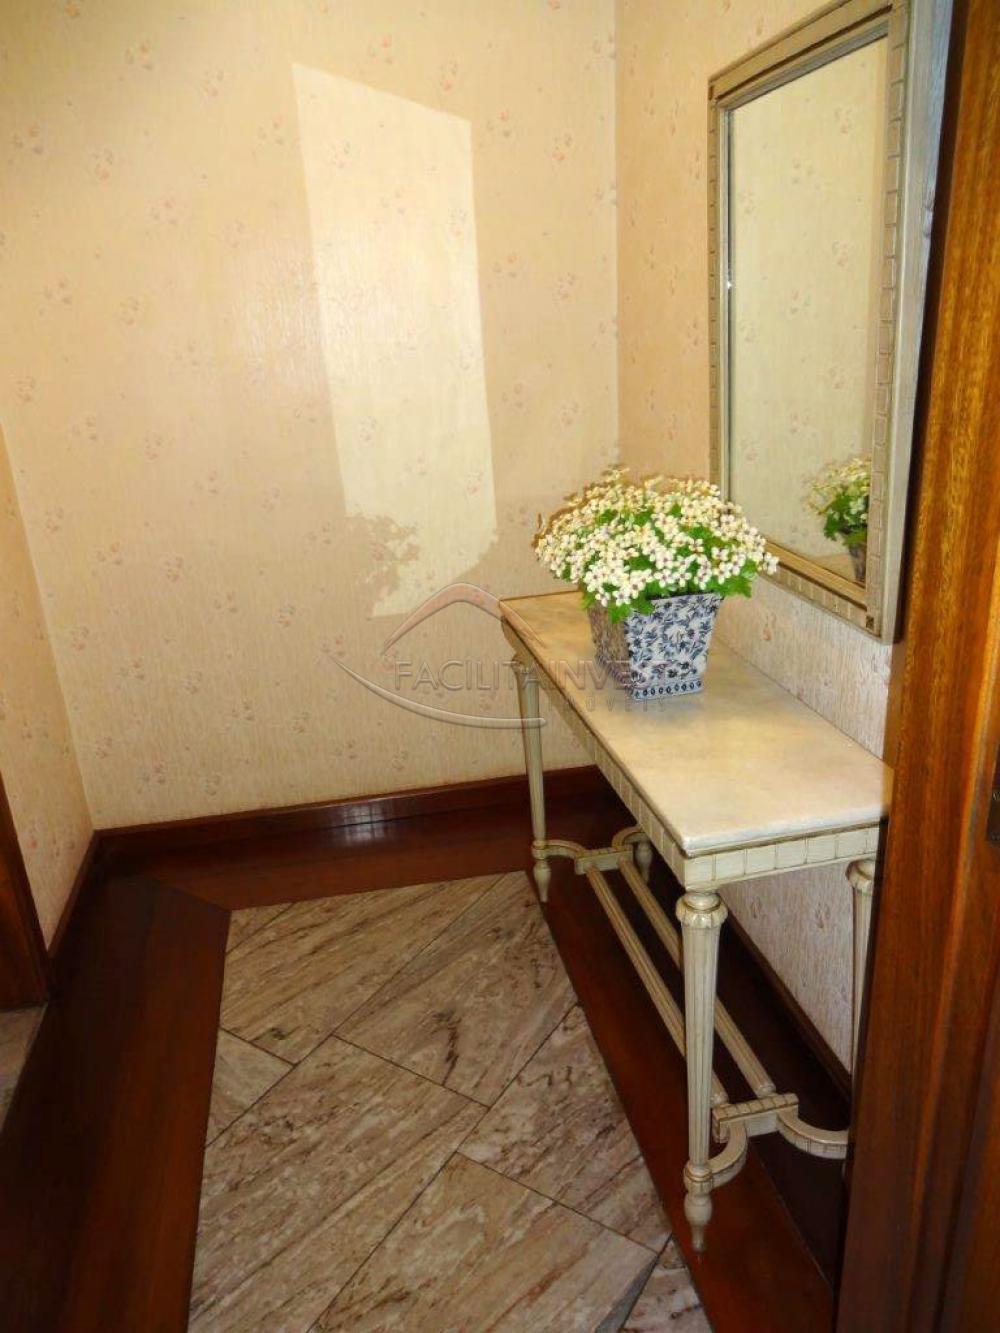 Comprar Apartamentos / Apart. Padrão em Ribeirão Preto apenas R$ 840.000,00 - Foto 6